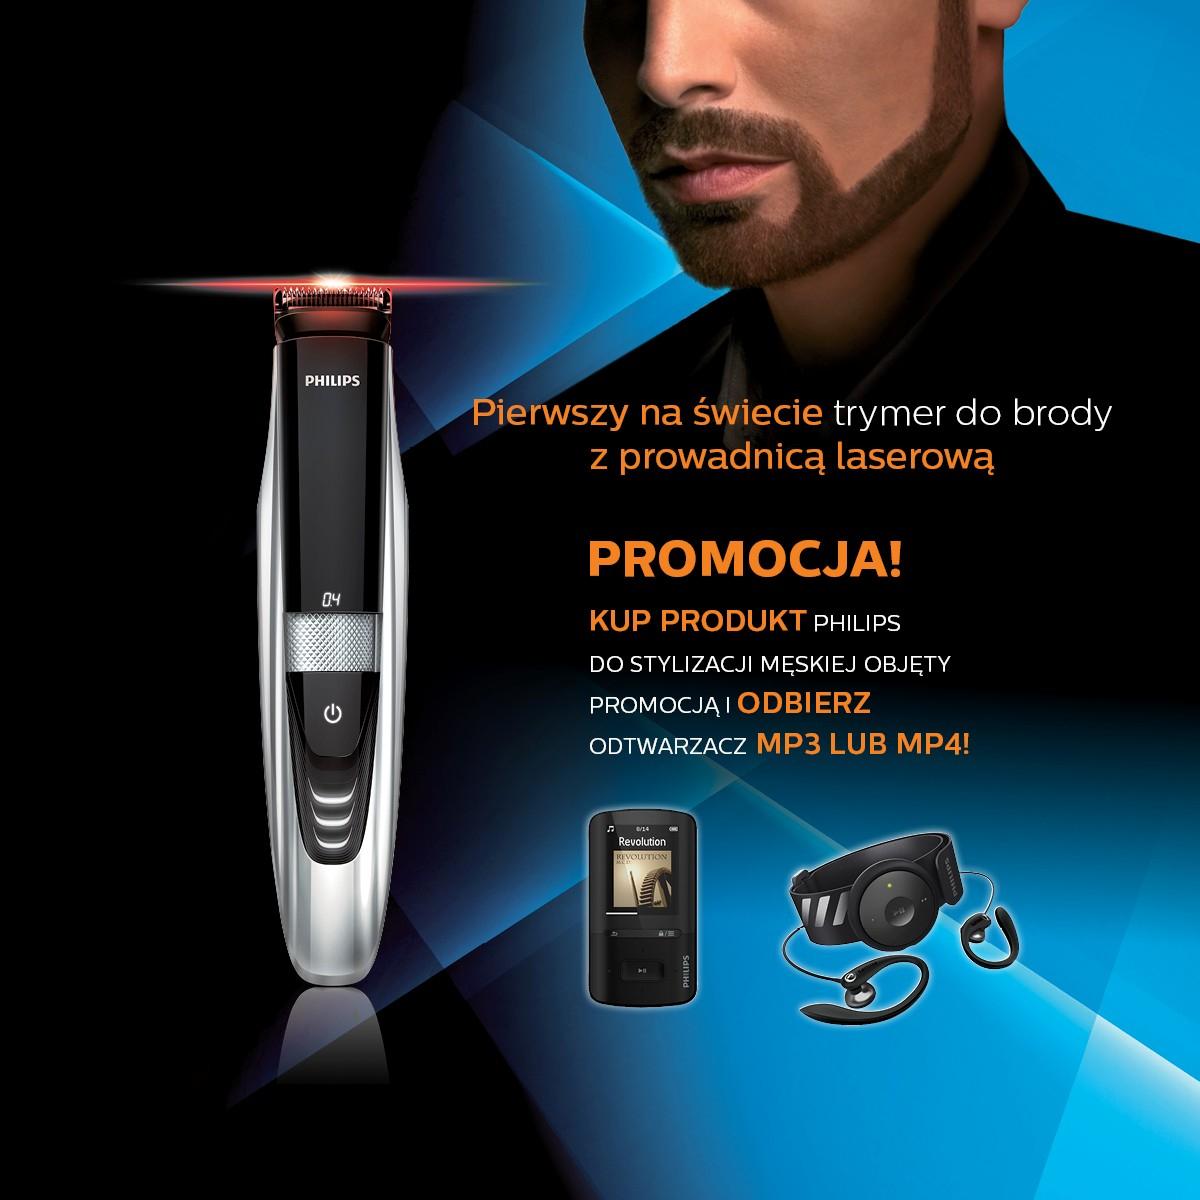 Kup produkt do stylizacji męskiej i odbierz mp3 lub mp4 @ Philips